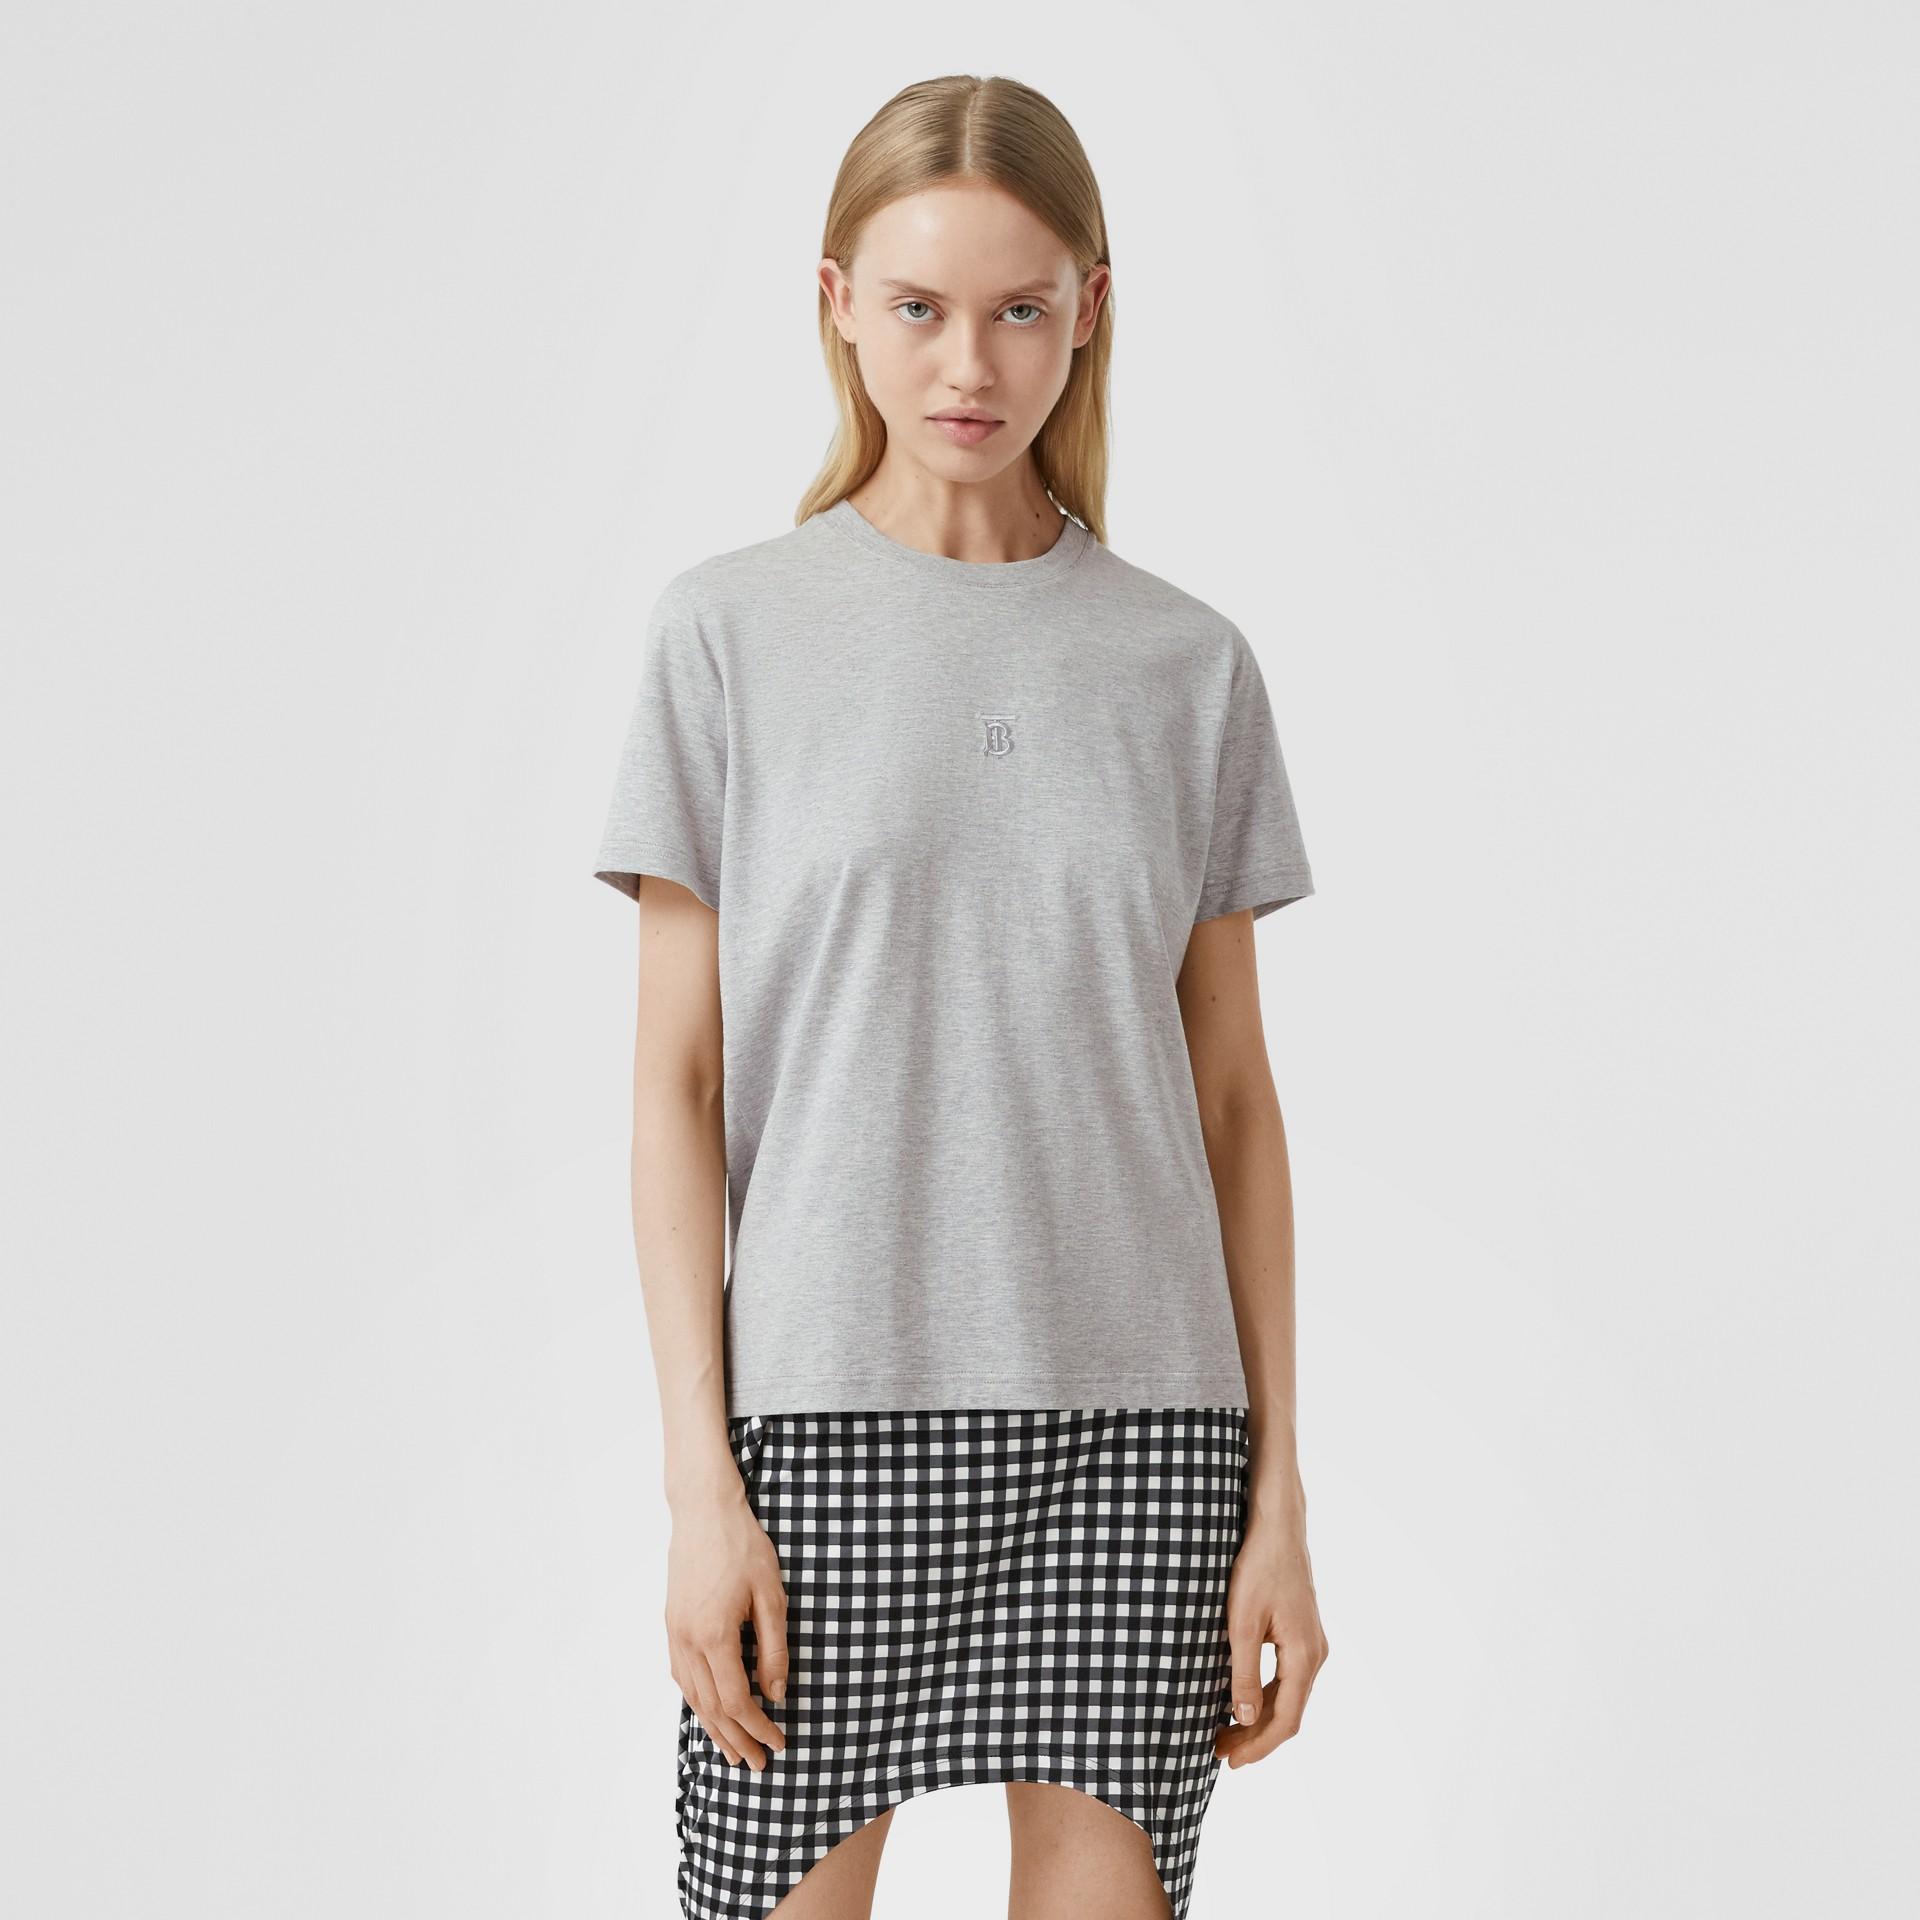 花押字圖案棉質 T 恤 (淡混合灰) - 女款 | Burberry - 圖庫照片 4